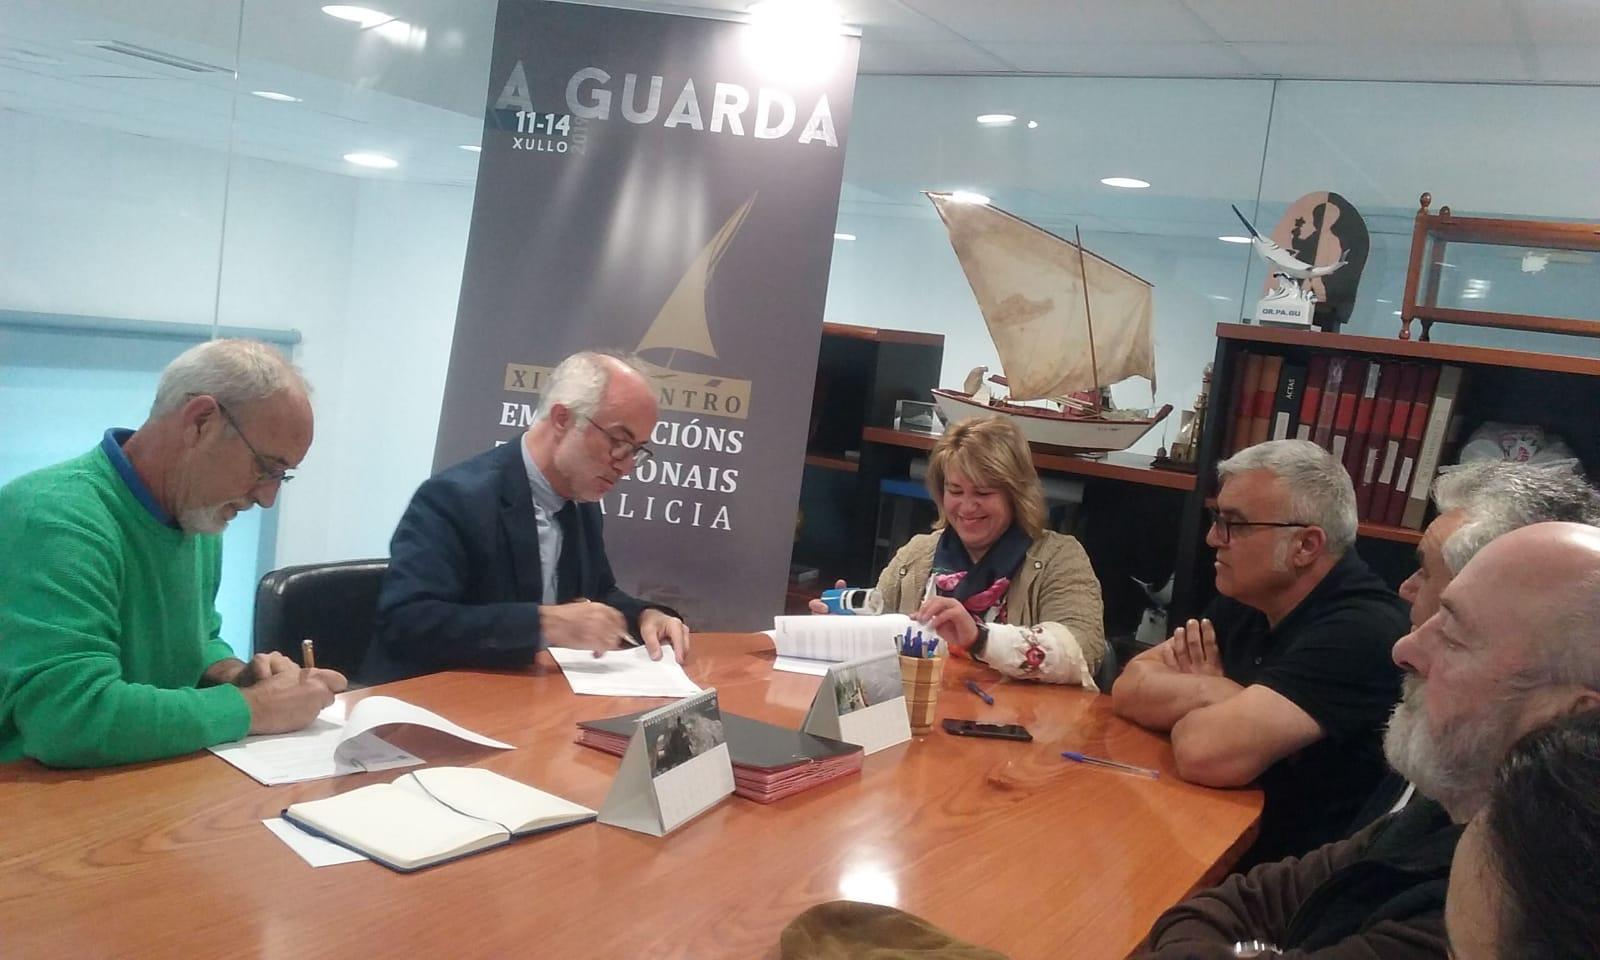 Portos de Galicia, a Confraría da Guarda e Culturmar asinan un convenio para colaborar no encontro de embarcacións tradicionais